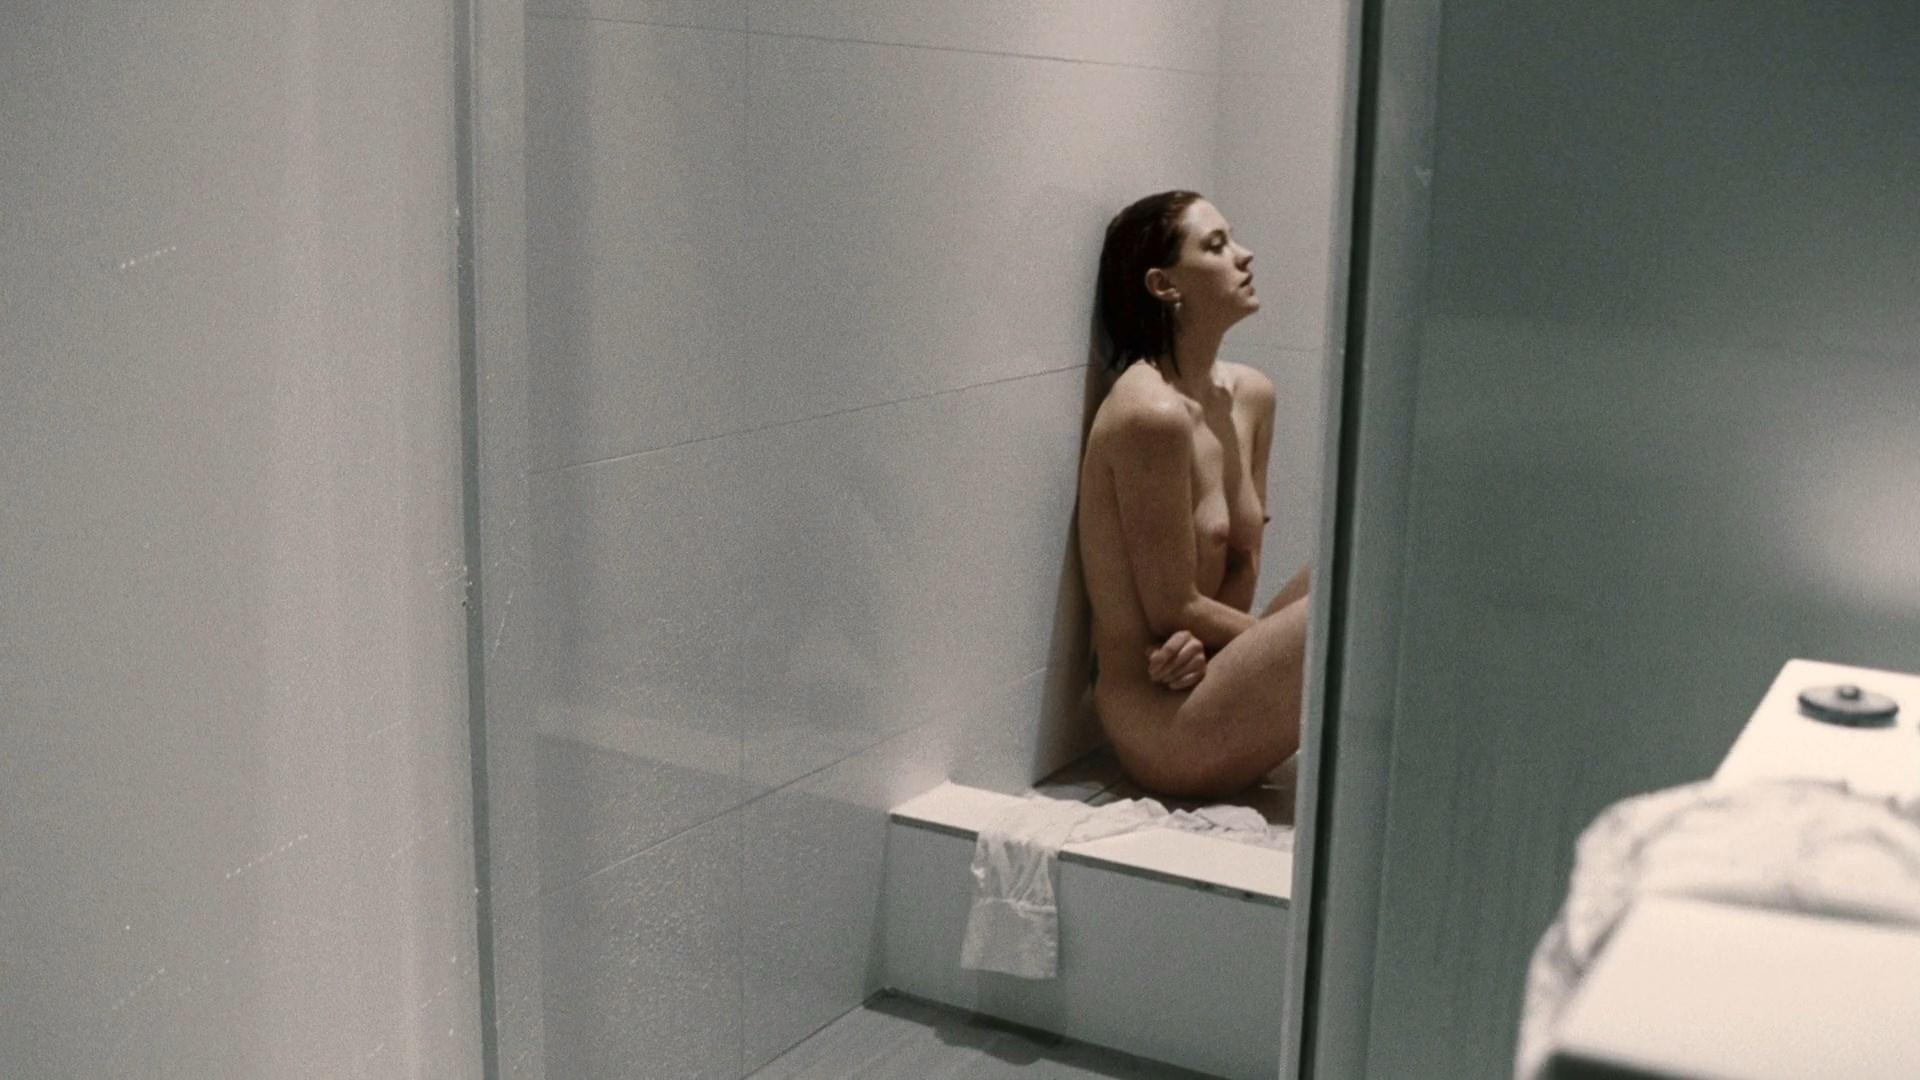 Lauren socha naked